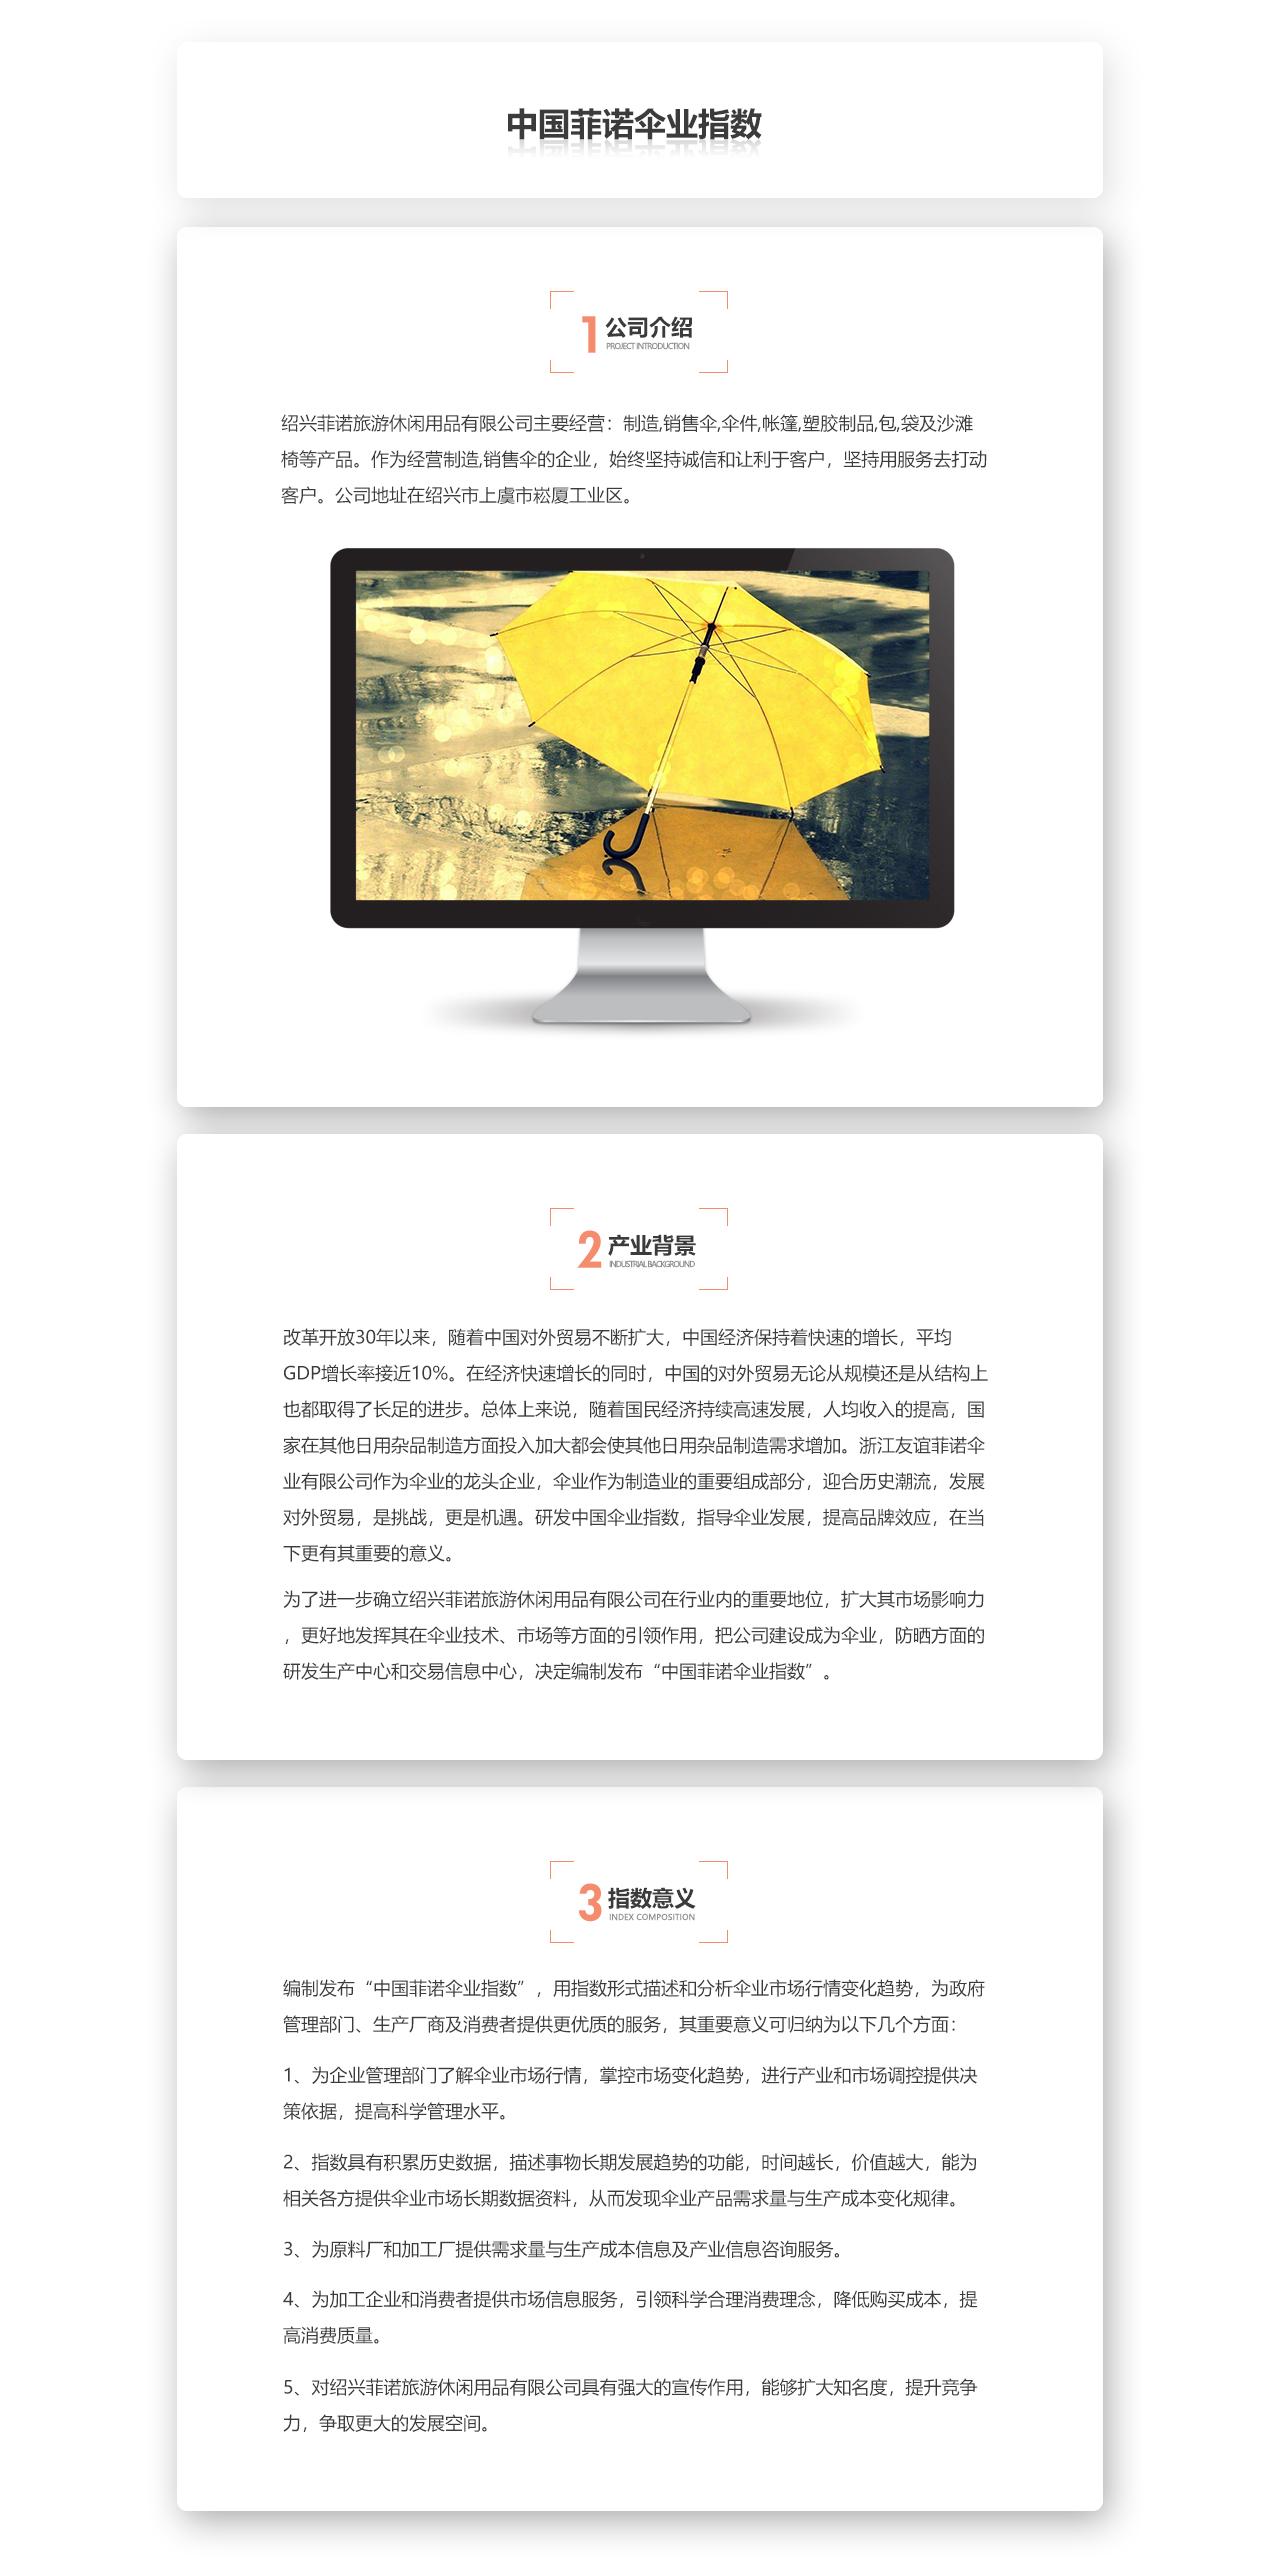 中国菲诺伞业指数.jpg